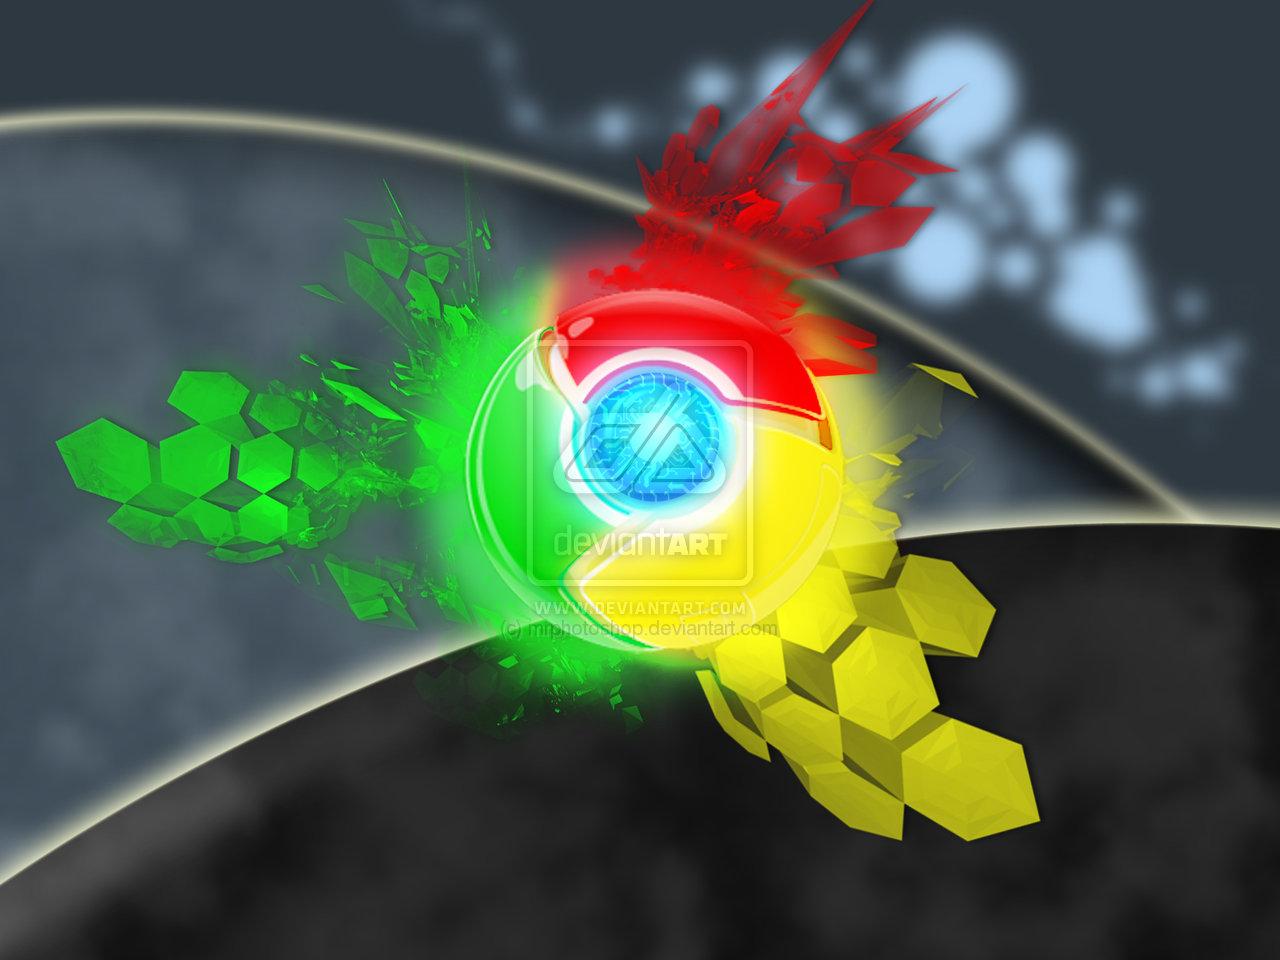 http://1.bp.blogspot.com/--qCZ7X3l2IY/To3YDNEEZjI/AAAAAAAABWQ/hxQJ3NDW7-A/s1600/Google+Chrome+wallpapers4.jpg